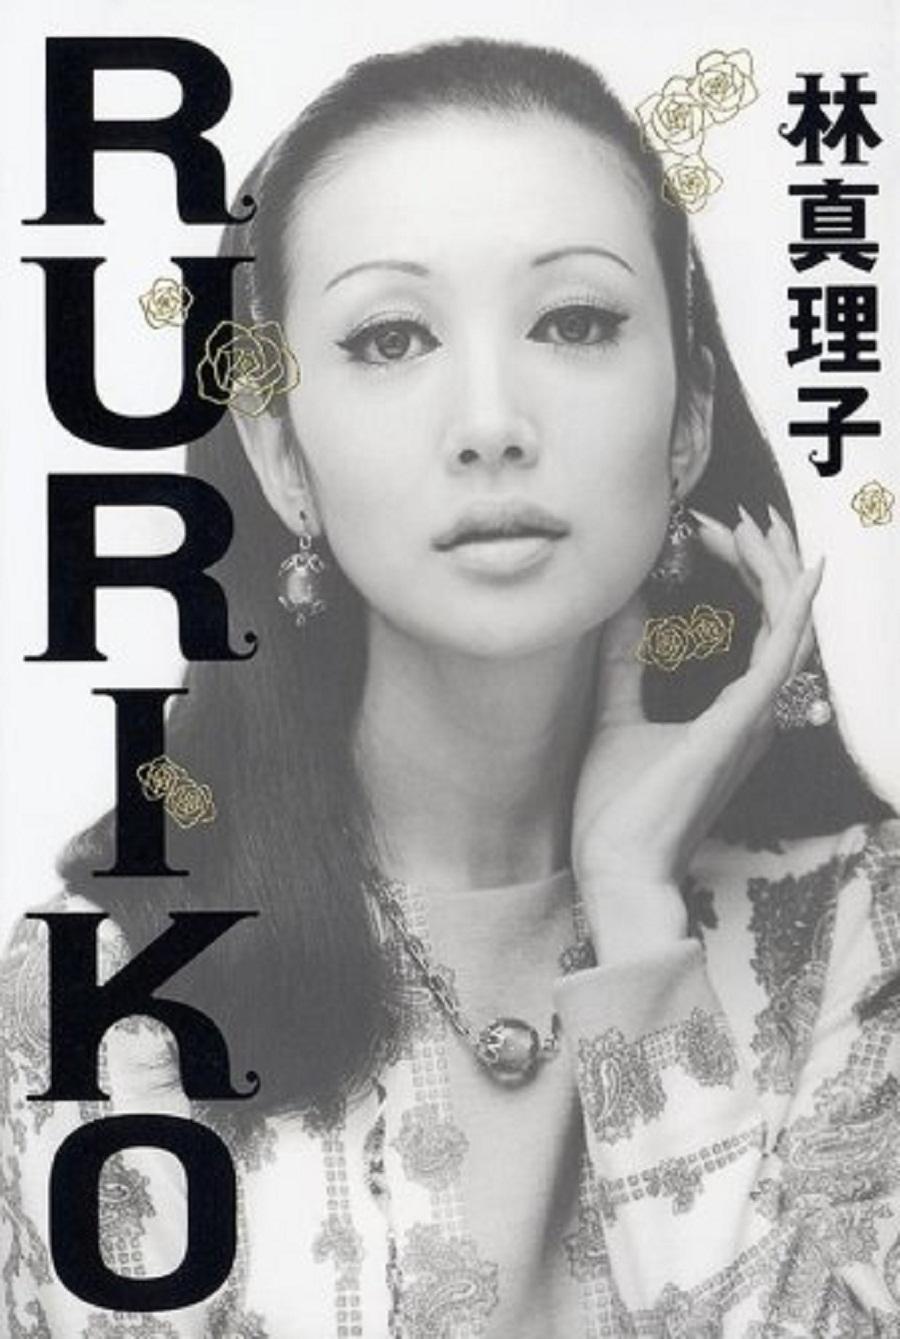 来年春、元夫と再び...浅丘ルリ子の半生記 『RURIKO』 | J-CAST BOOK ...